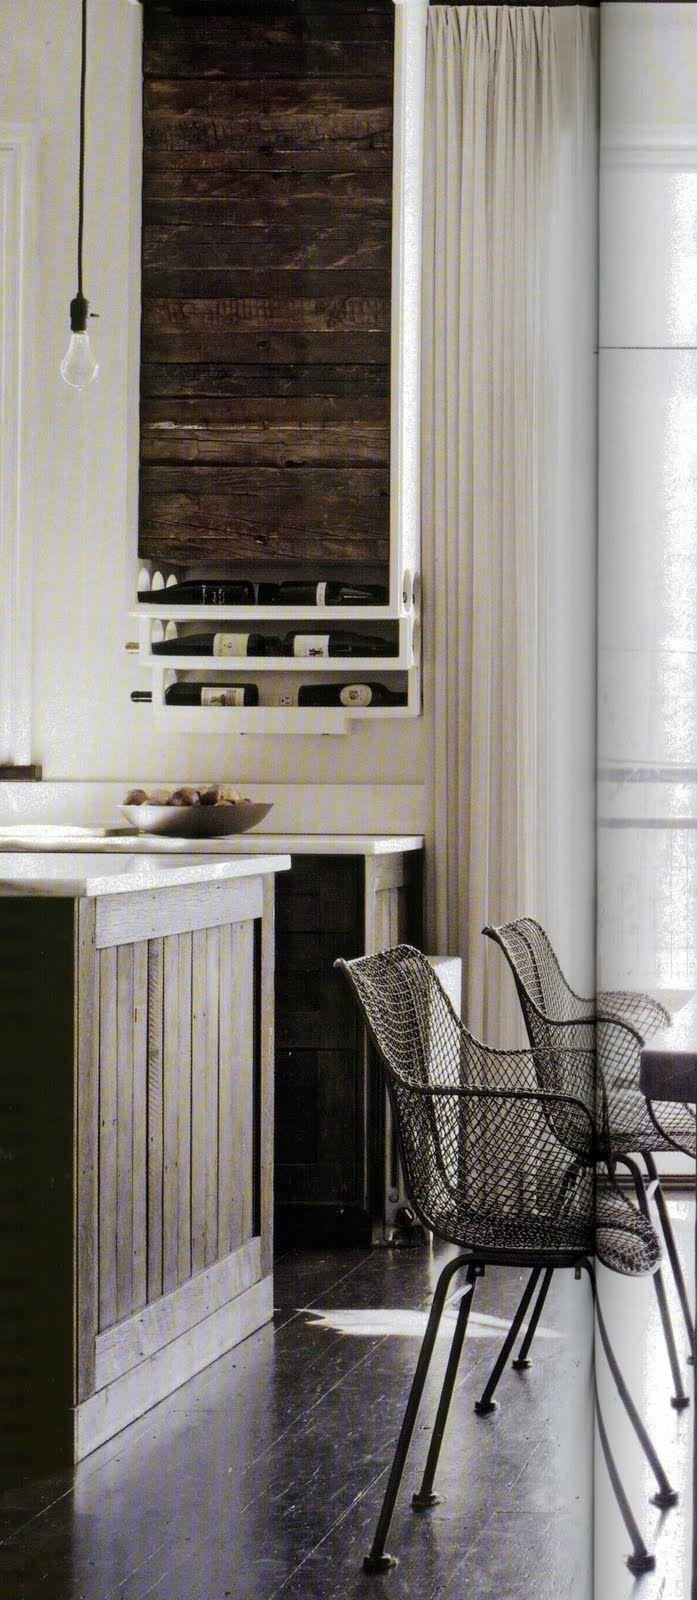 Küchenideen groß pin von fatimah auf rustic  pinterest  küchen ideen haus und zuhause